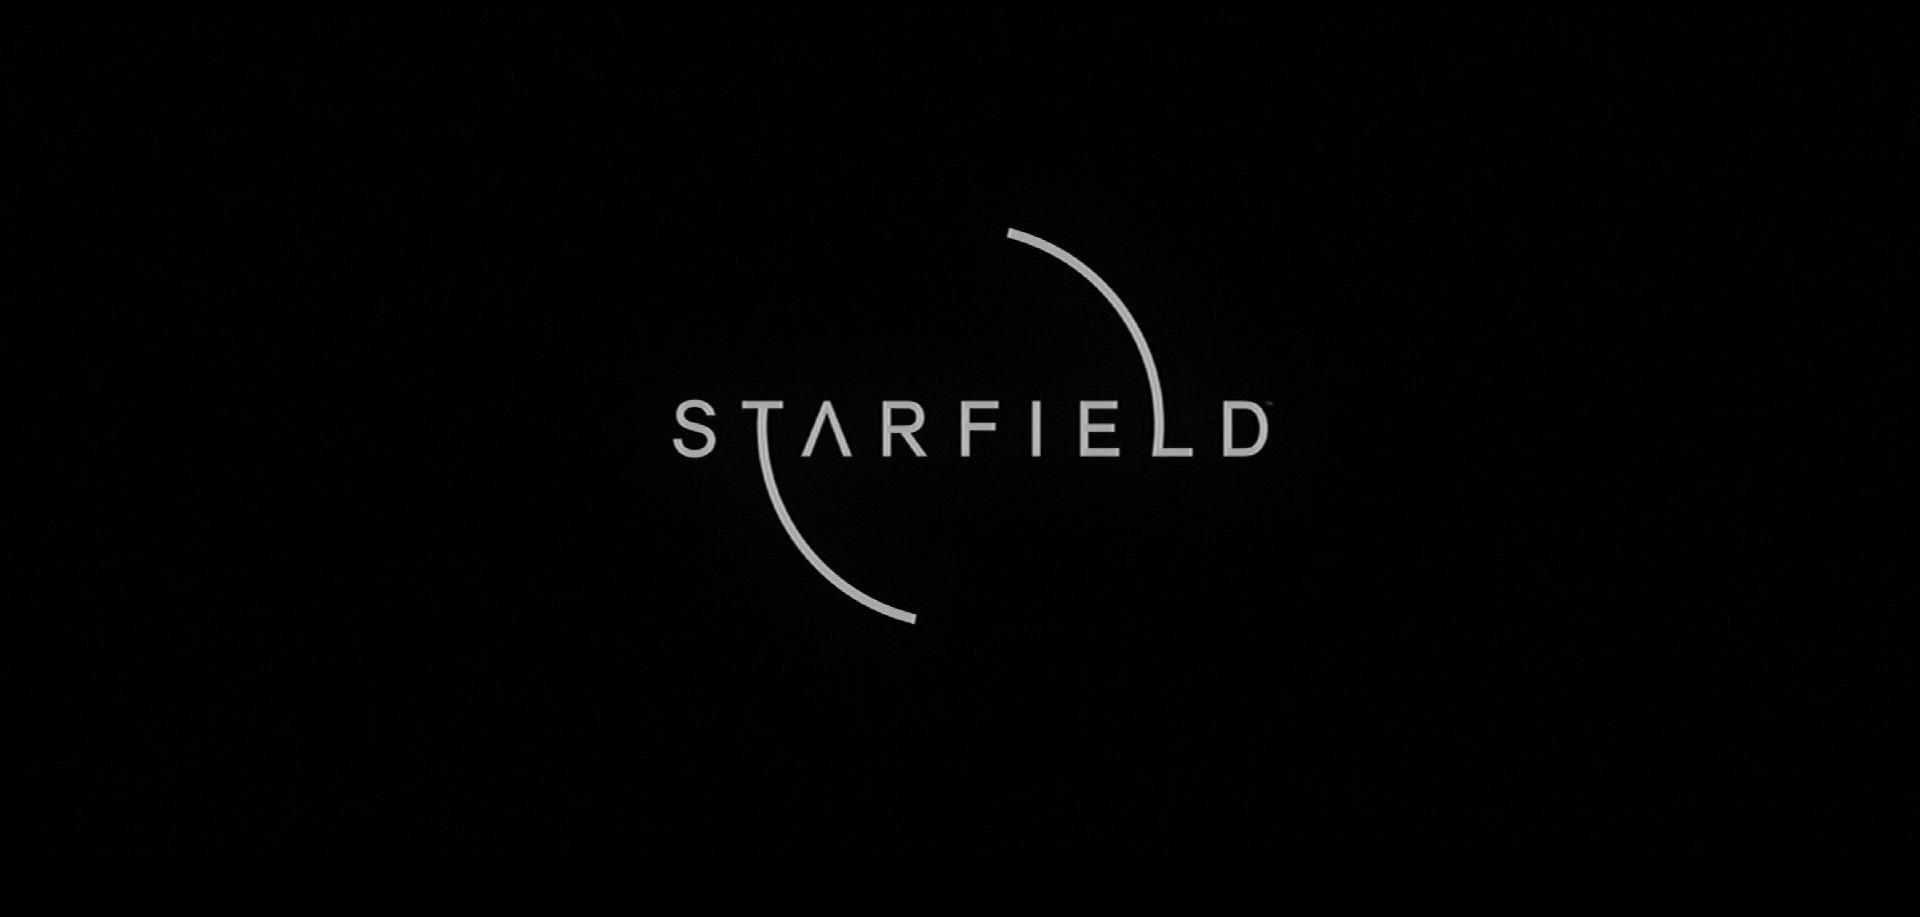 تا رونمایی بعدی Starfield زمان زیادی باقی مانده است